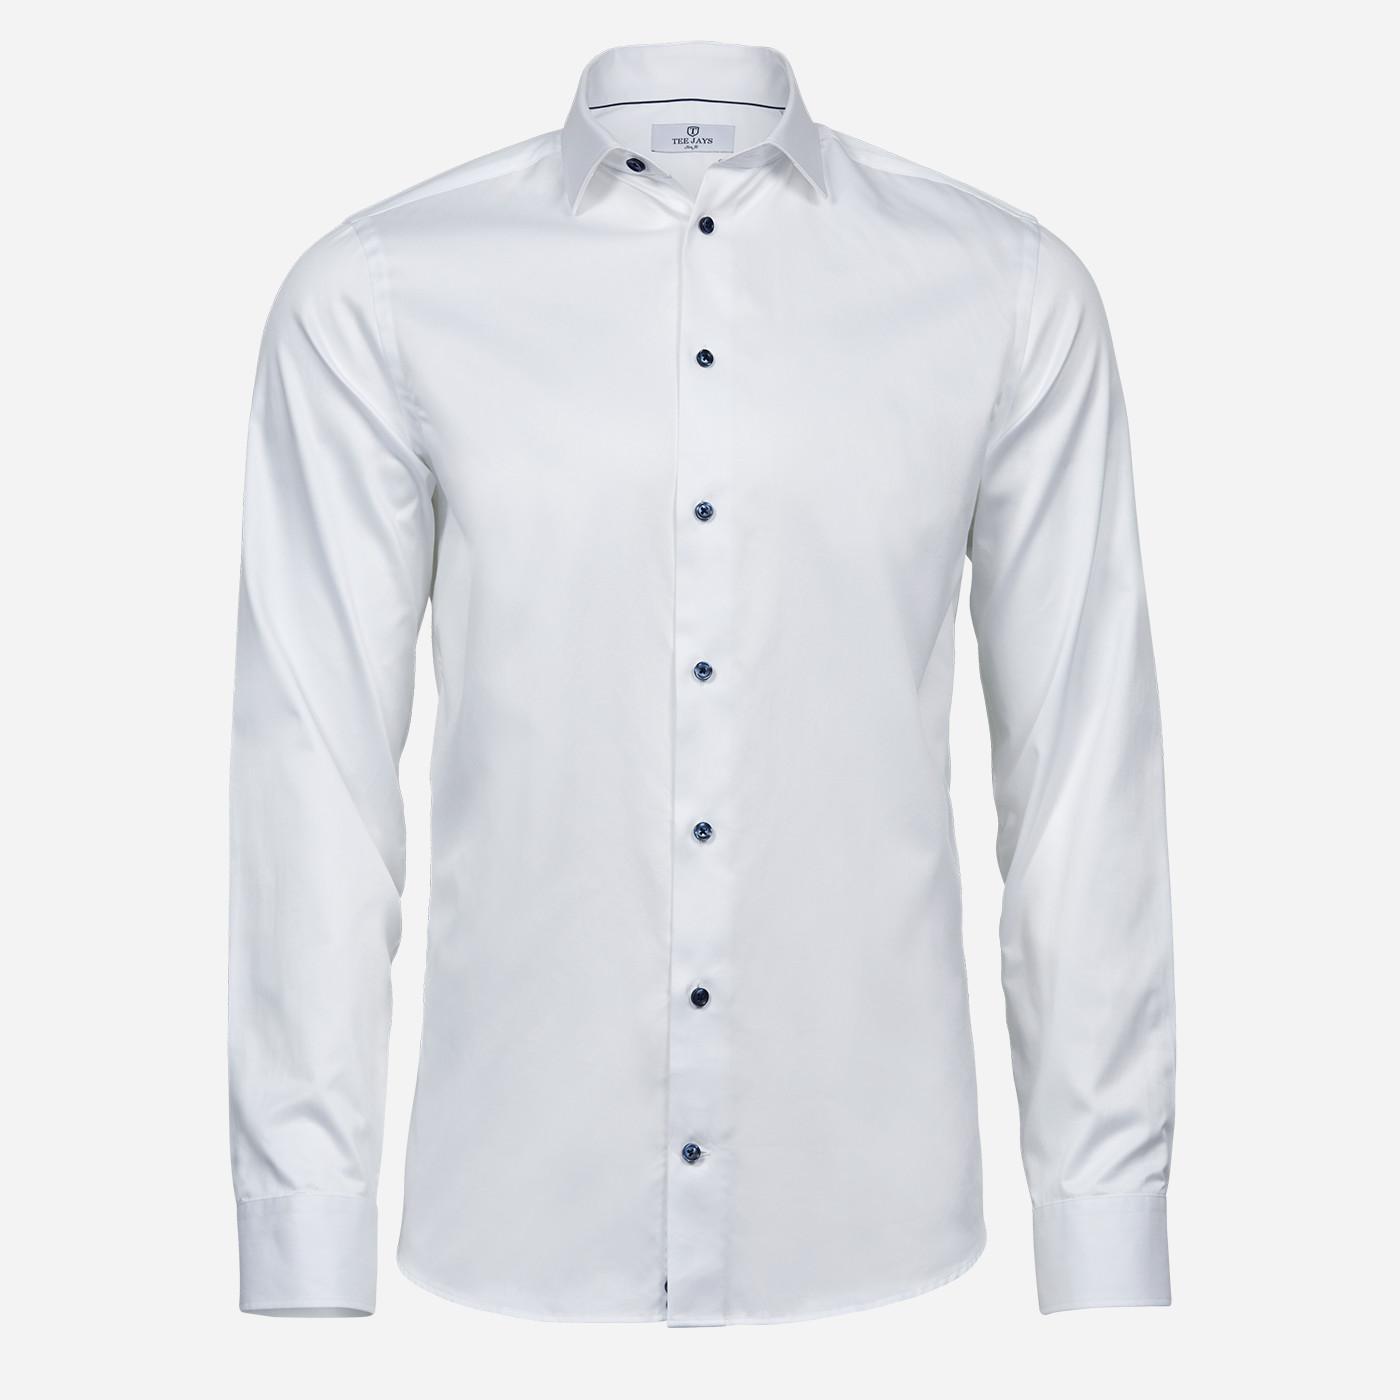 Biela košeľa Tee Jays, modré gombíky, Slim fit Veľkosť: XXL 45/46